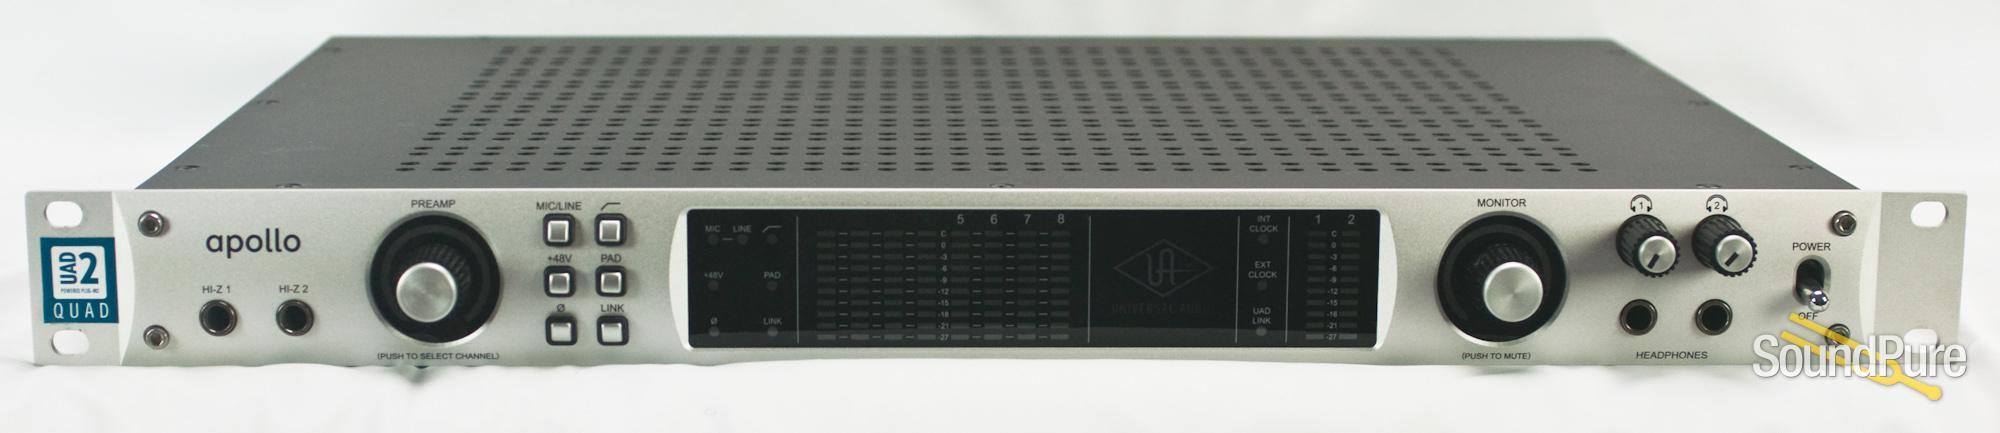 UA Apollo QUAD Audio Interface + Thunderbolt Card - Used